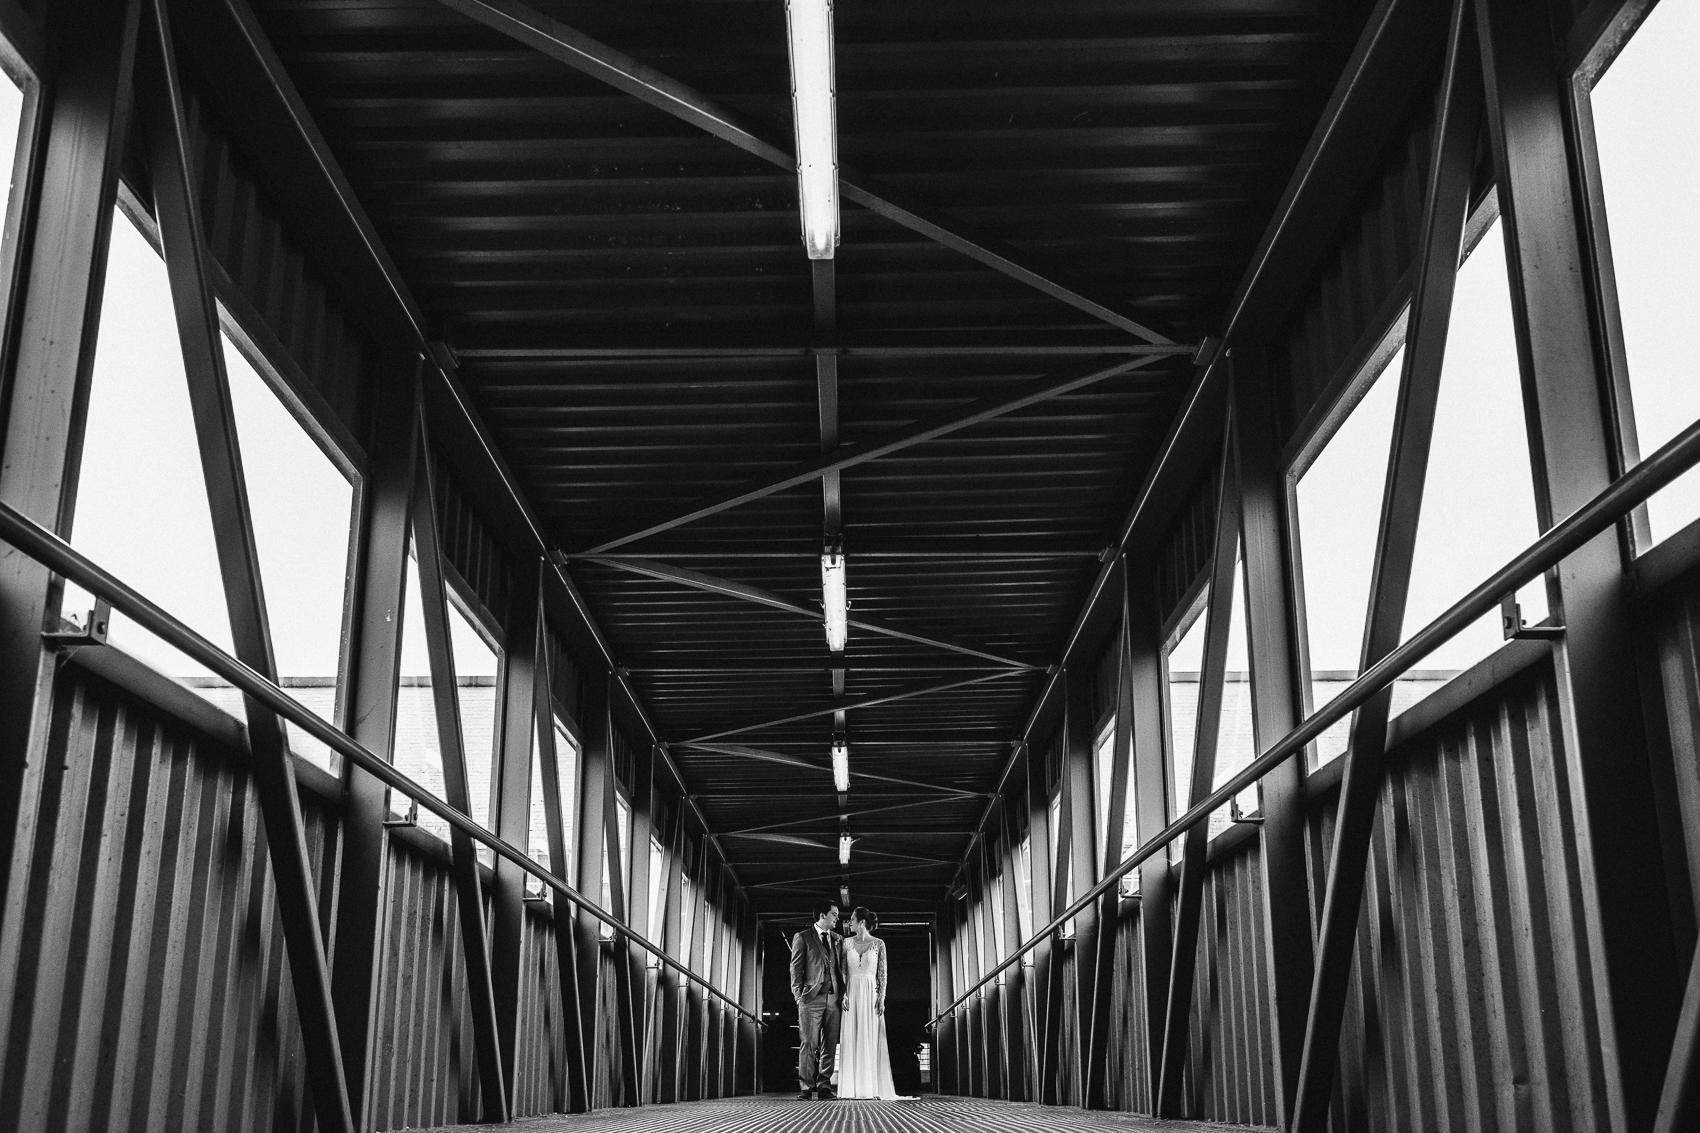 iso800 - huwelijksfotograaf Laura en Gijs Antwerpen-35.jpg